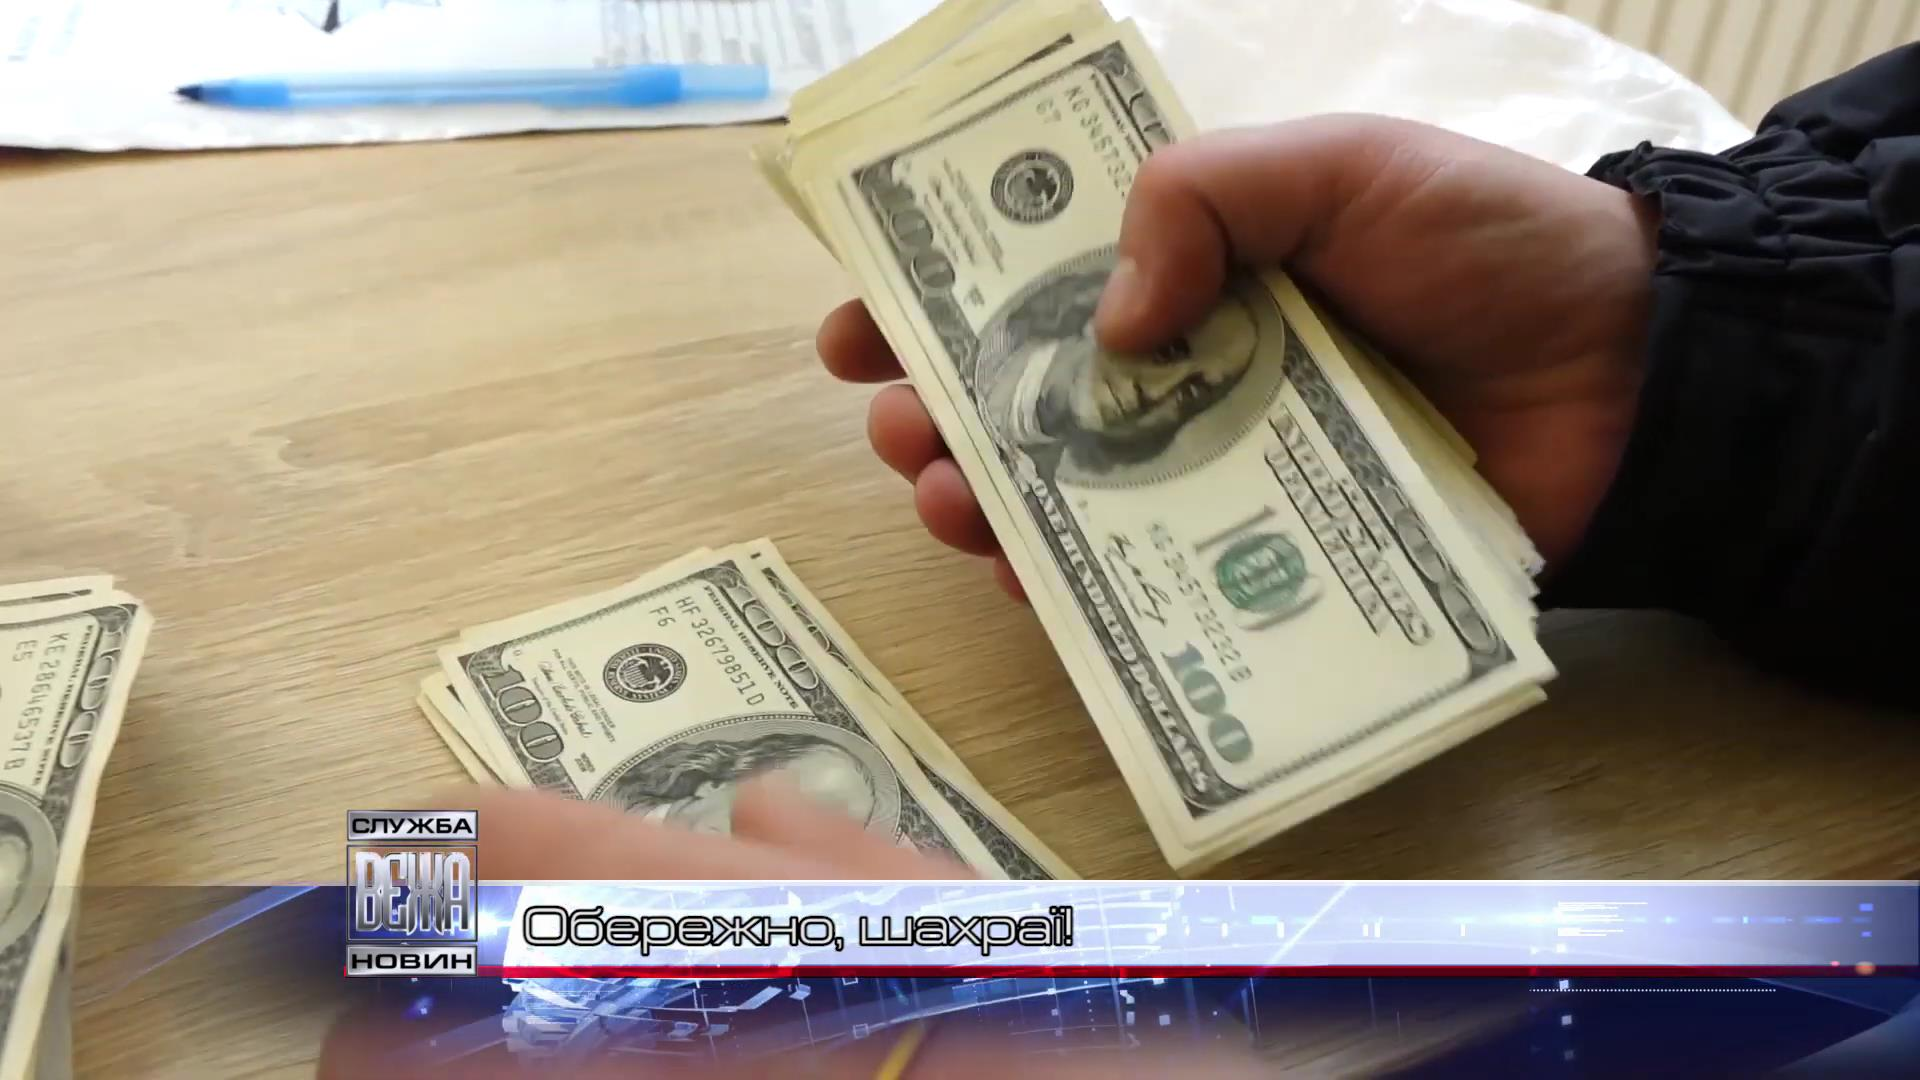 Поліція затримала шахраїв, які обманули іванофранківця на понад пів мільйона гривень[20-52-18]